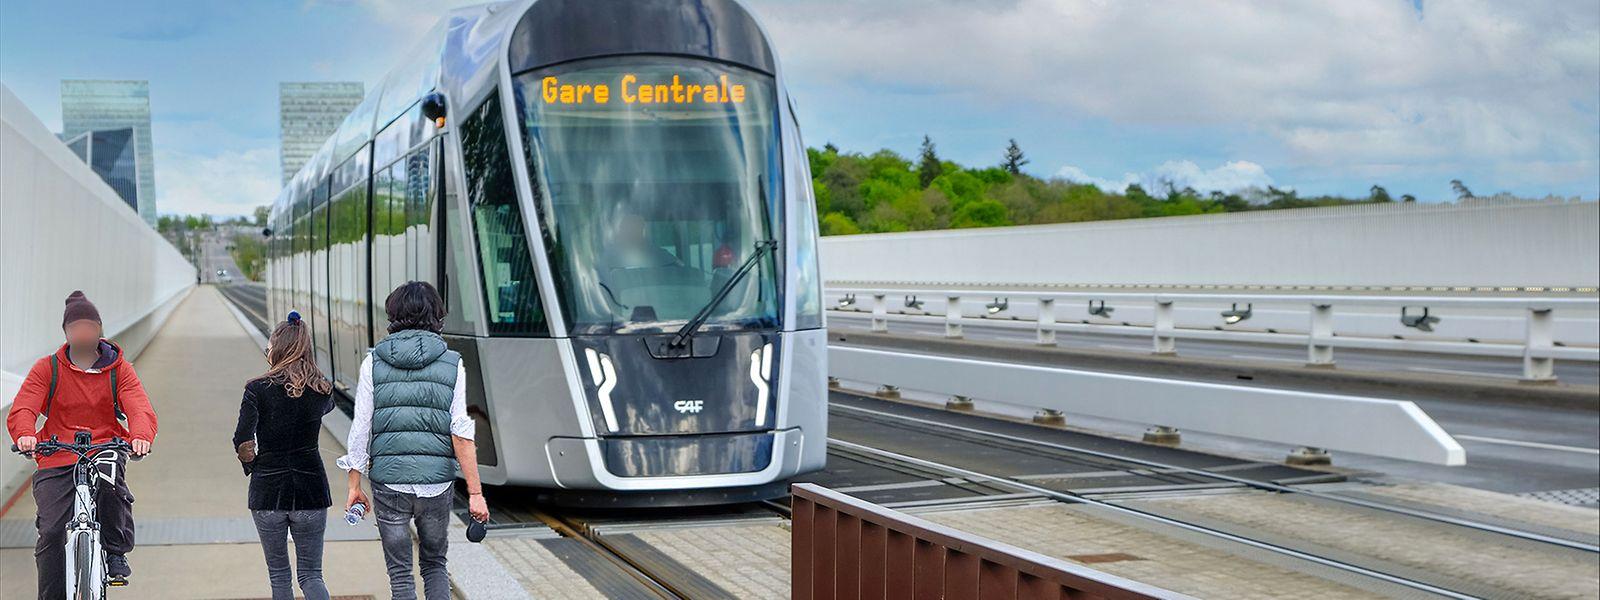 Pas simple de faire cohabiter tous les moyens de transport dans une ville en constante évolution.